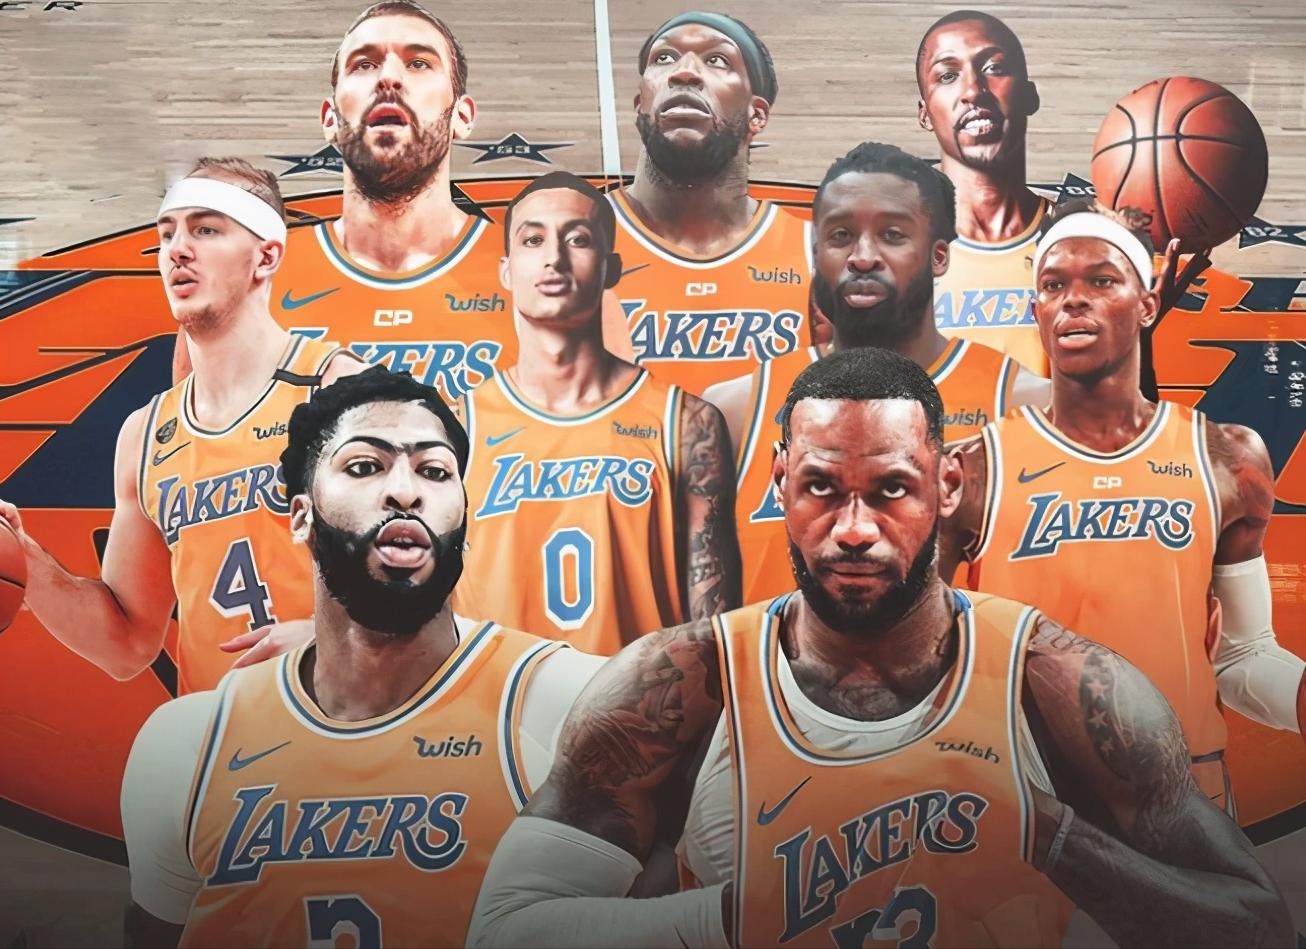 如何看待Harrell轉投湖人?羅斯道出問題本質,Curry:這並不常見但也不用大驚小怪!-黑特籃球-NBA新聞影音圖片分享社區